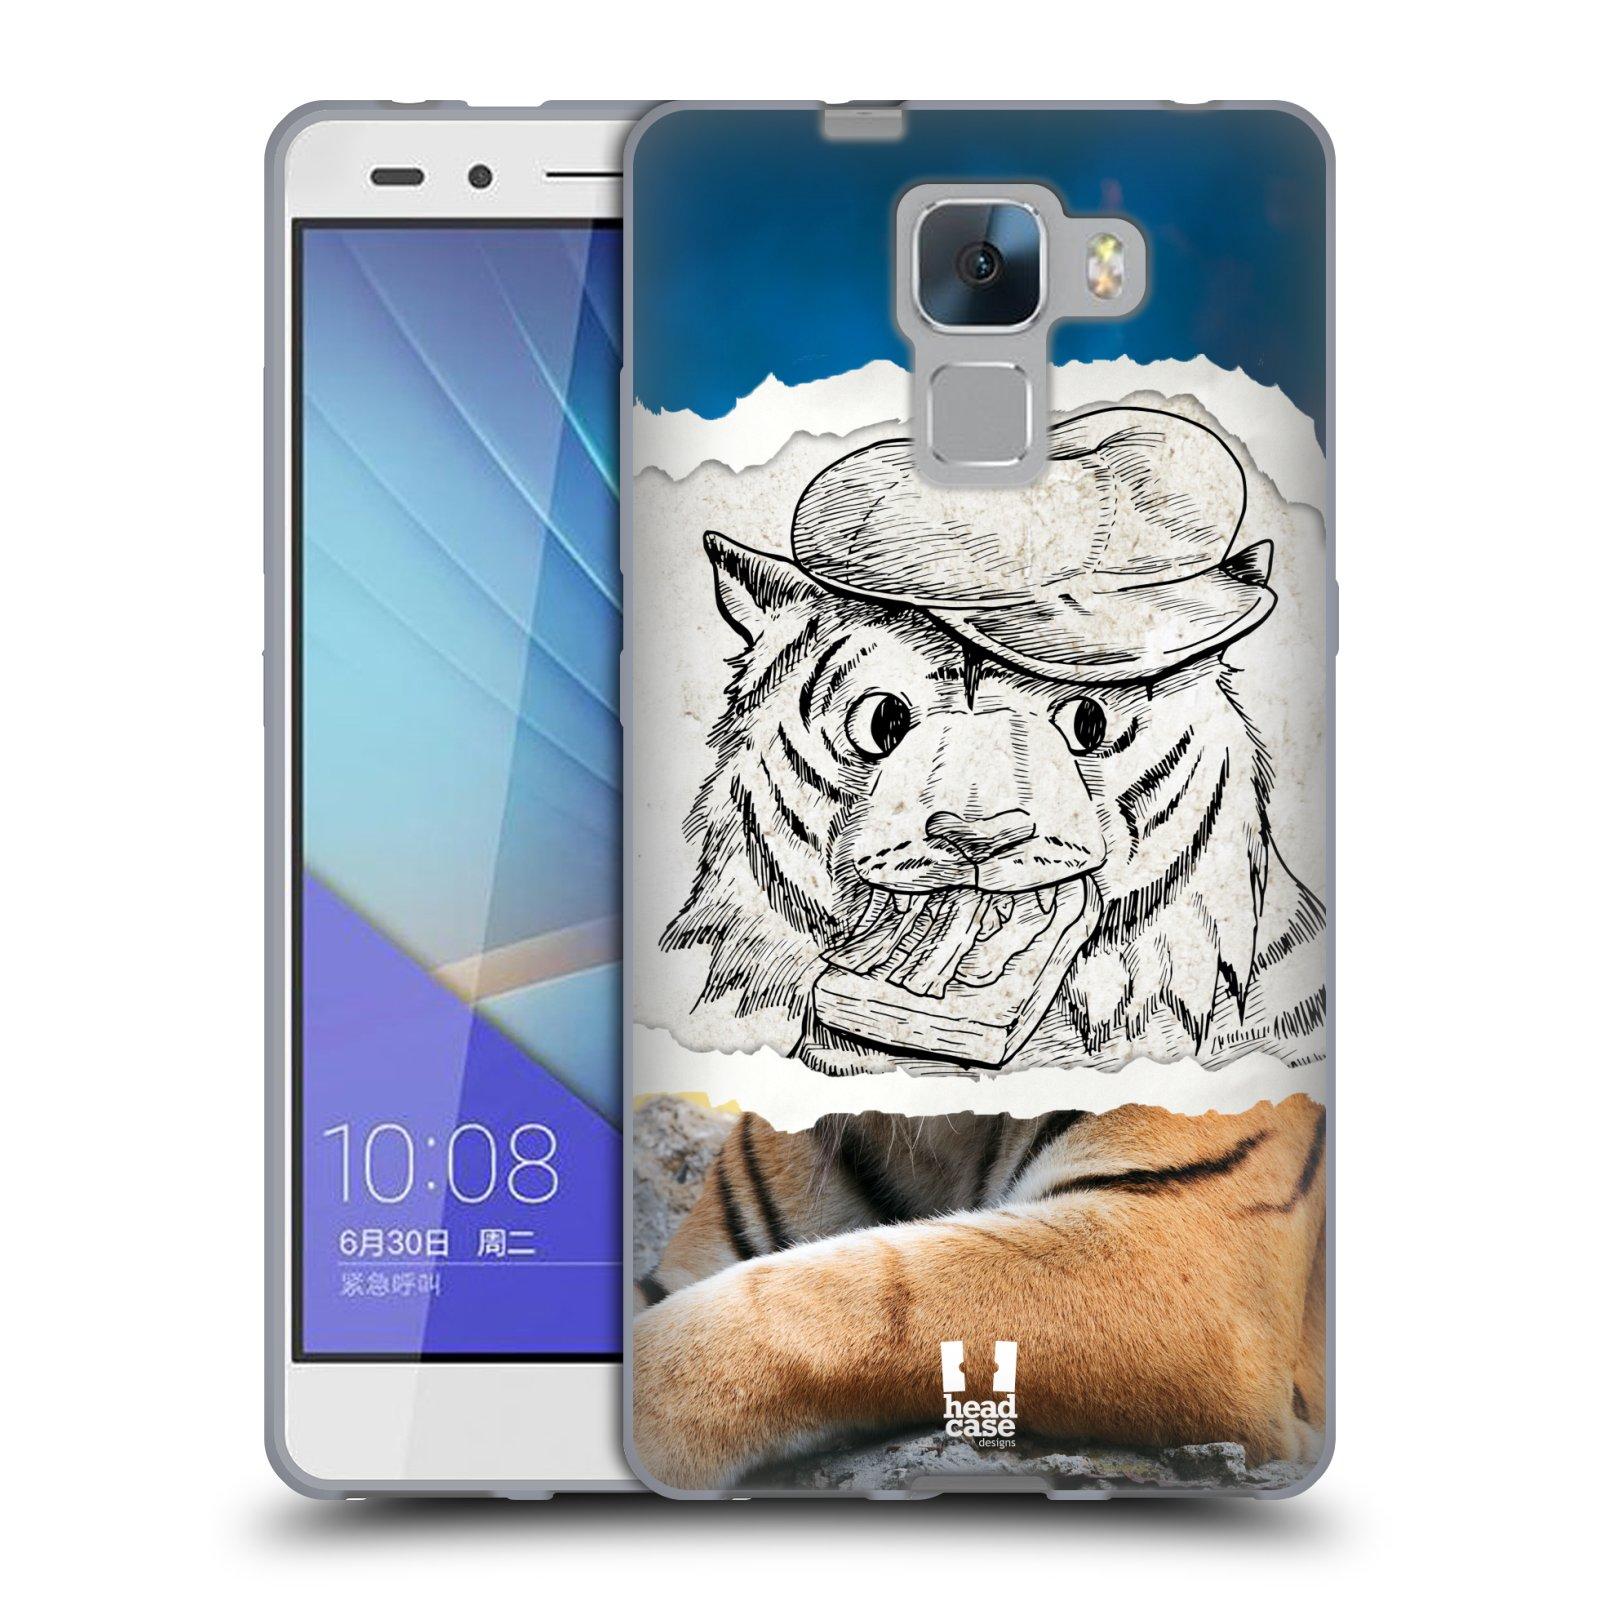 HEAD CASE silikonový obal na mobil HUAWEI HONOR 7 vzor zvířata koláž tygr fešák